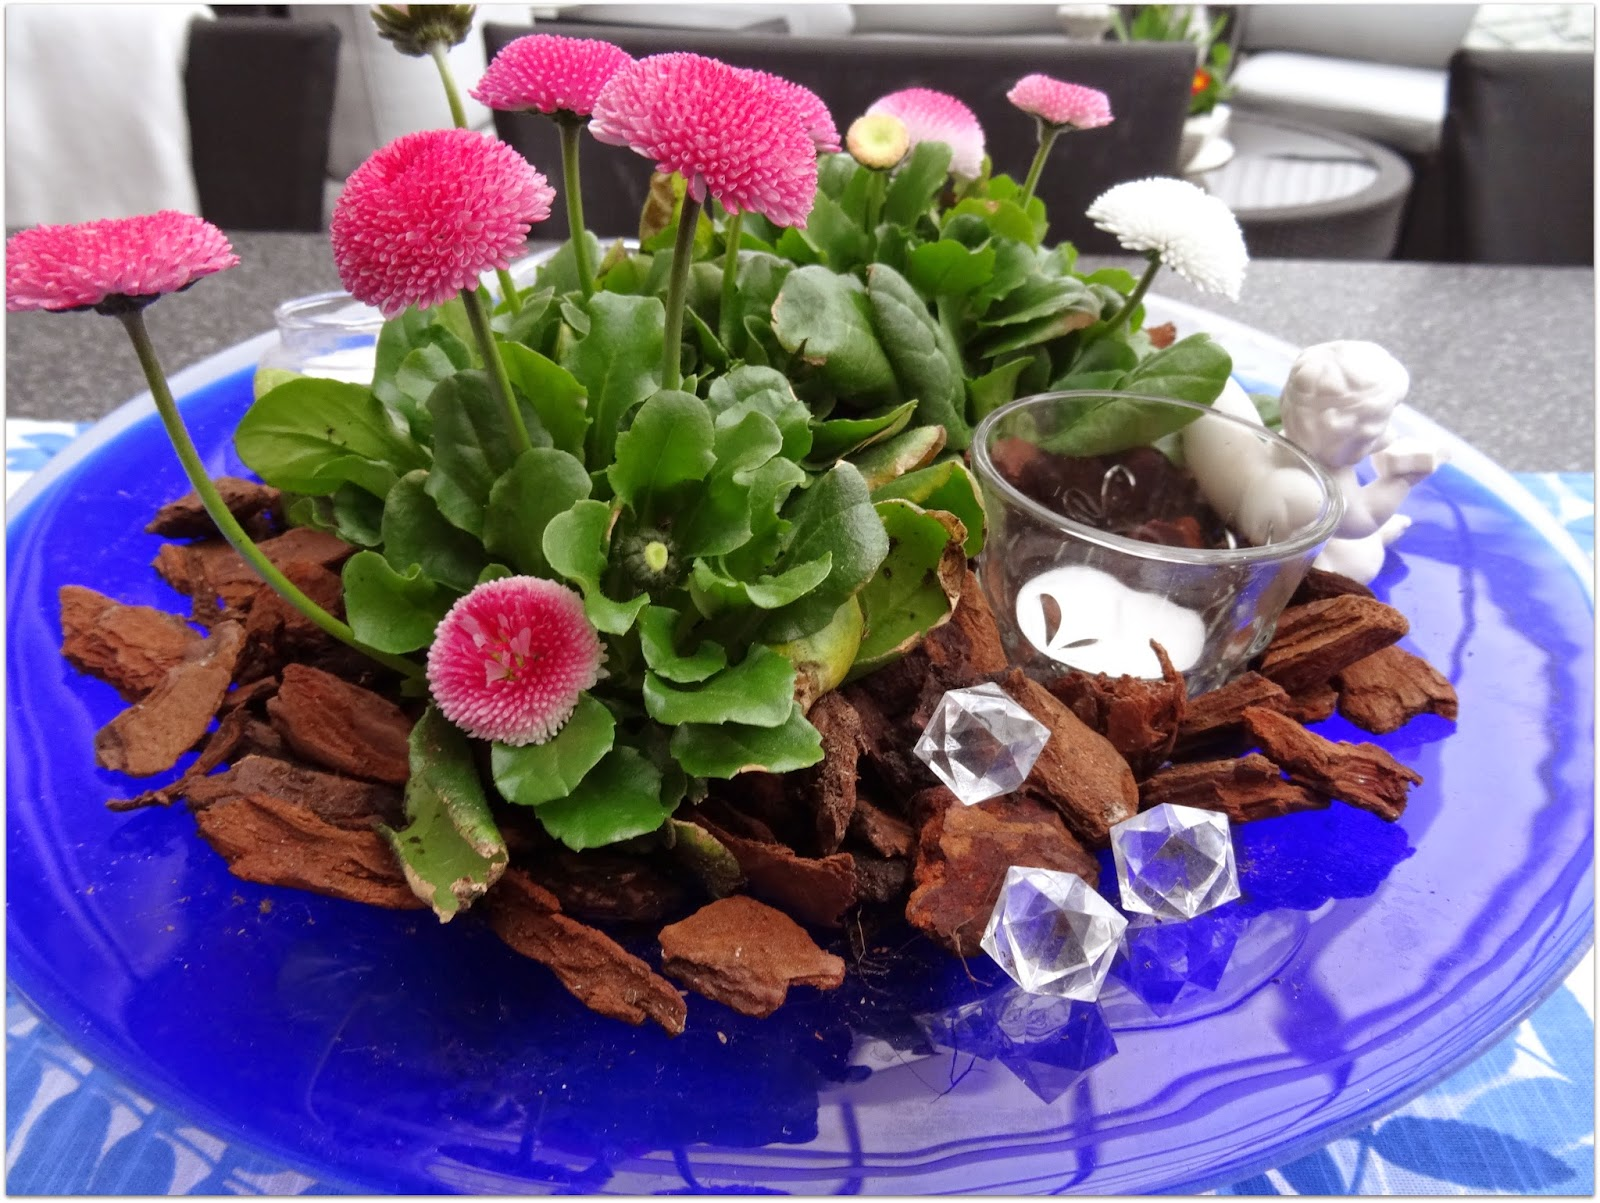 Livets goda: med våren kommer solen och blommorna